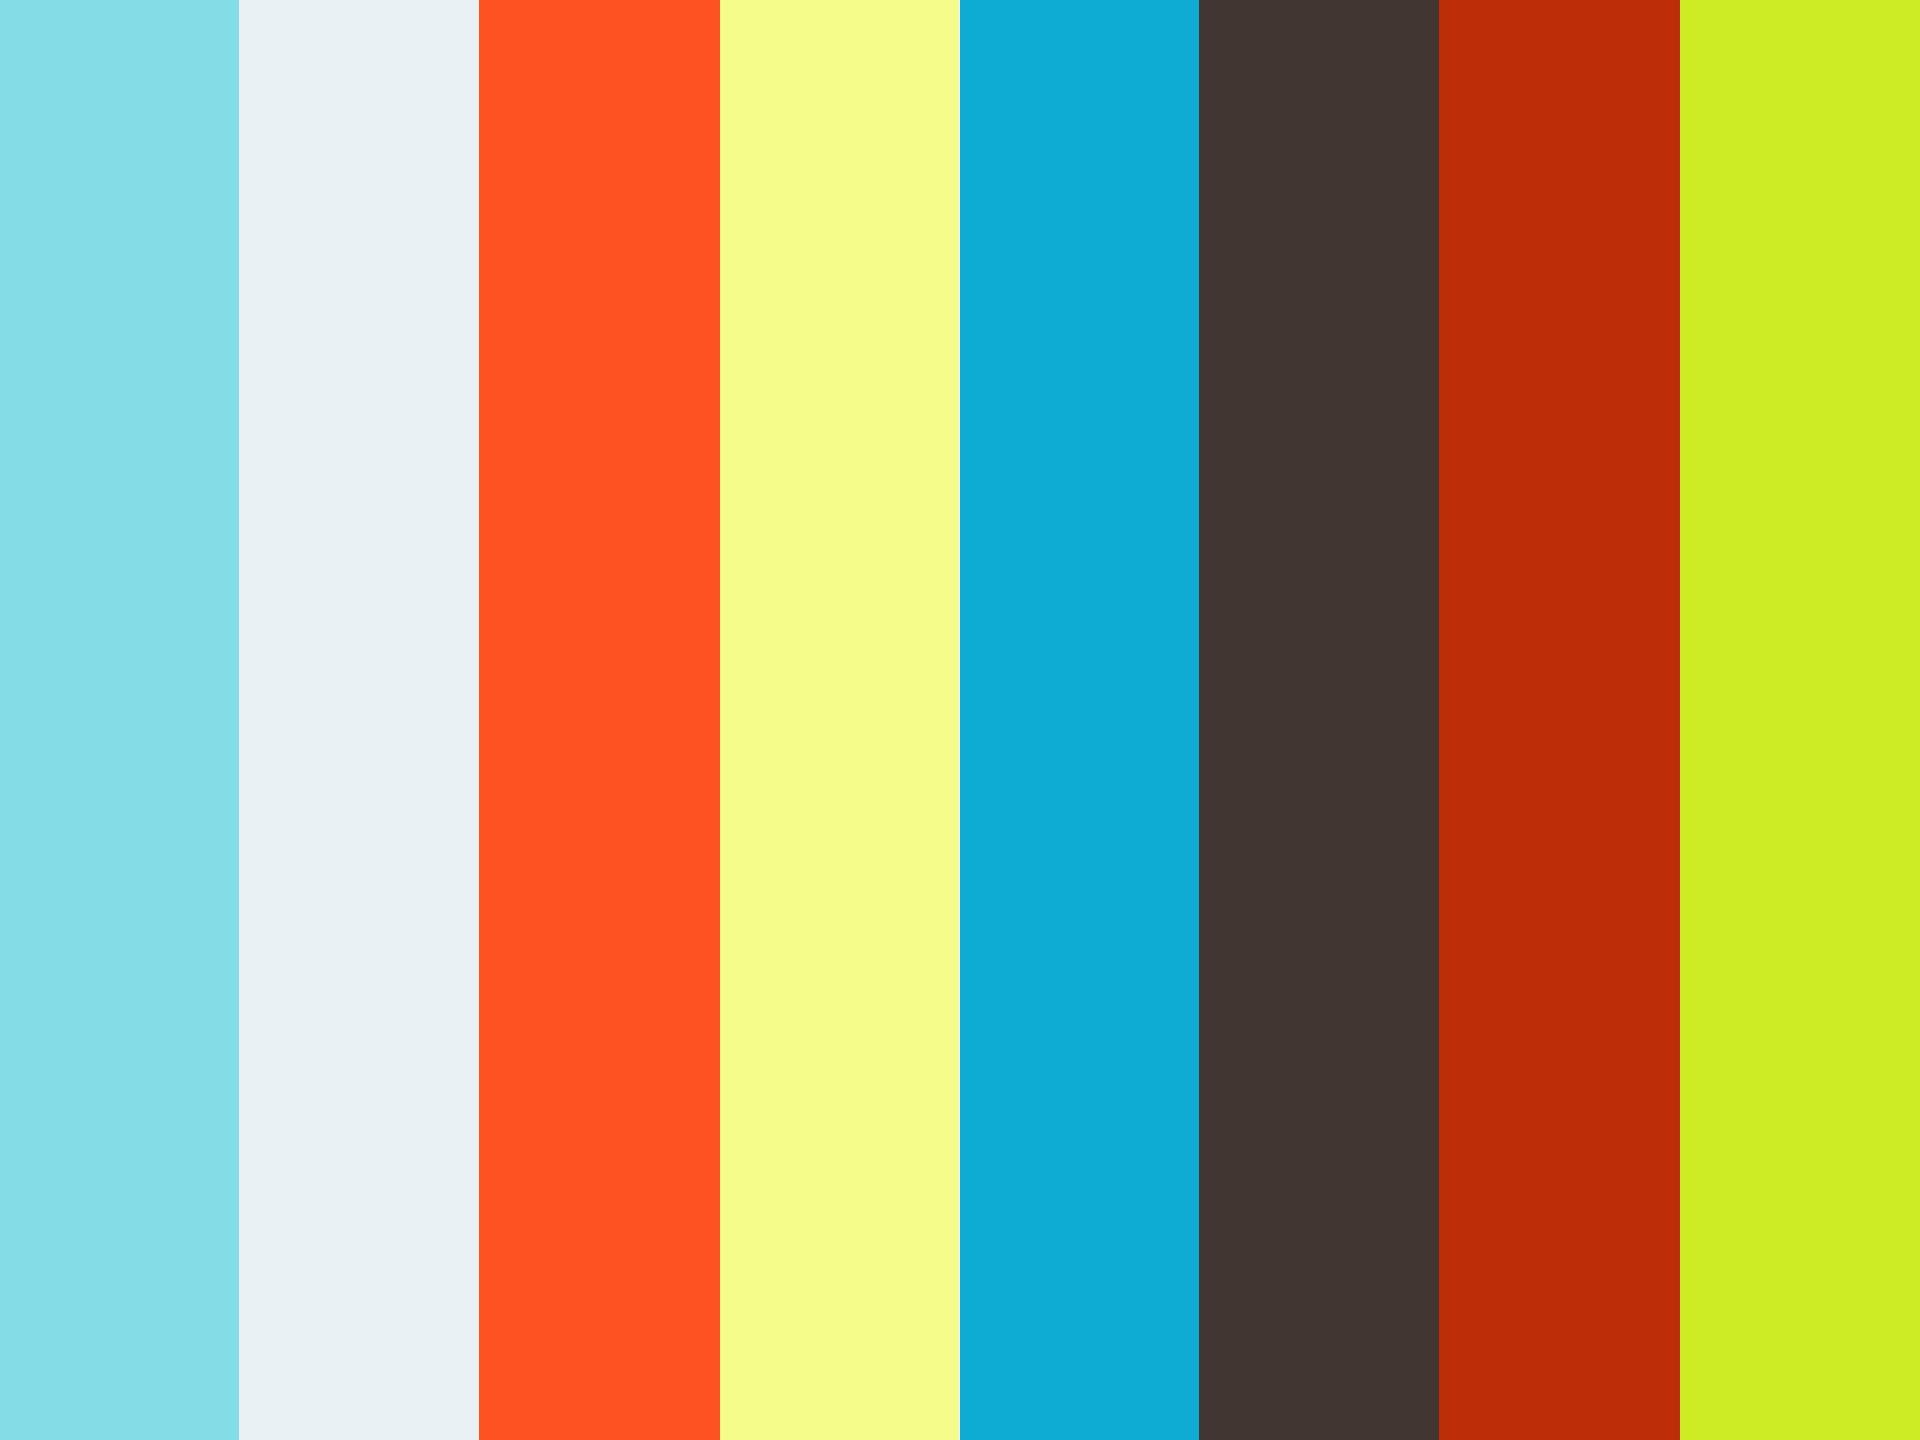 Cool Deep Tub Small Bathroom Big Small Corner Mirror Bathroom Cabinet Regular Decorative Bathroom Tile Board Vinyl Wall Art Bathroom Quotes Young White Vanity Mirror For Bathroom YellowDelta Bathroom Sink Faucet Parts Diagram GODI   Unique Bathroom Vanities   Toronto, Canada On Vimeo